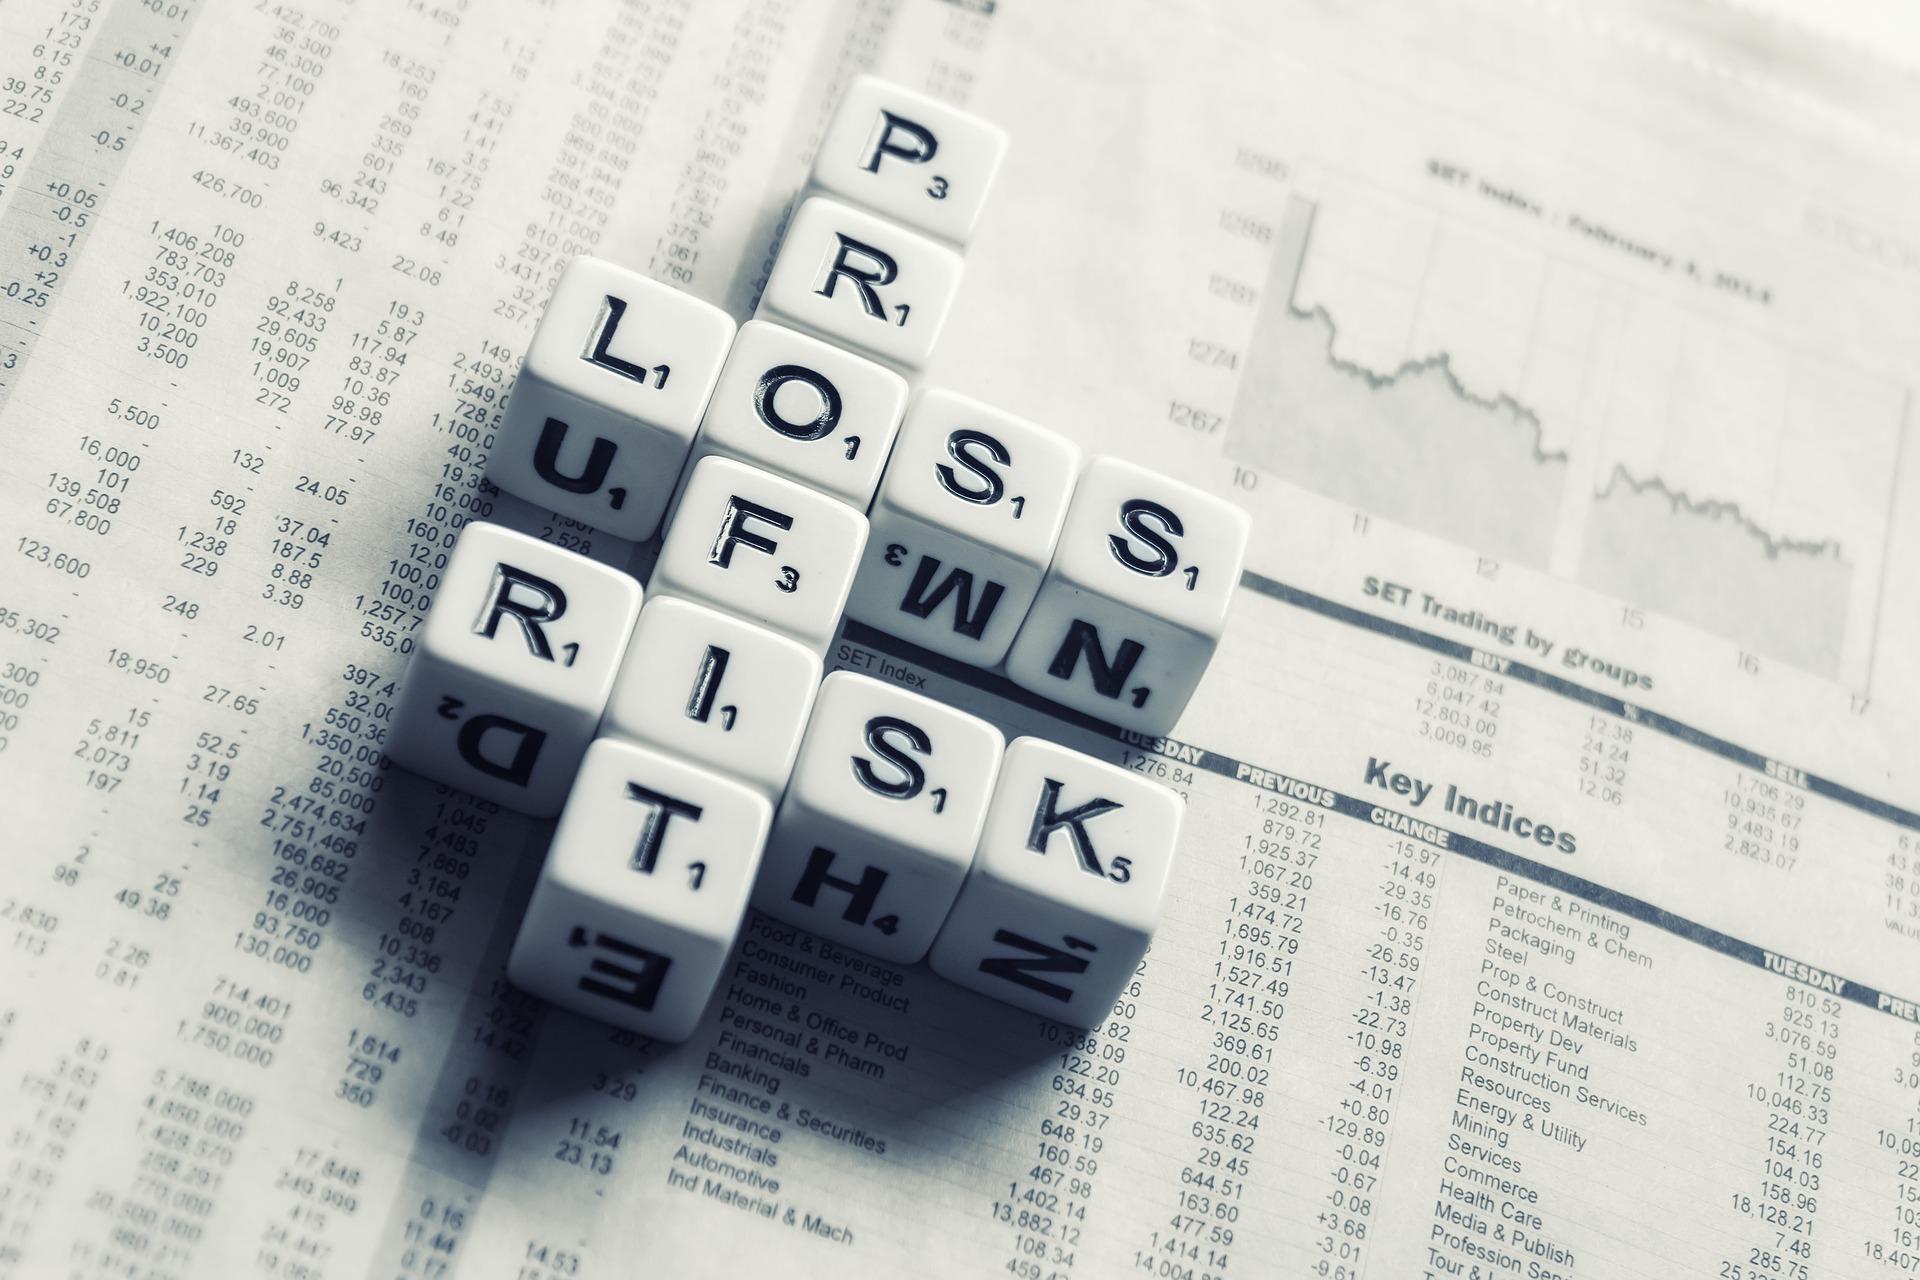 Zwölf Würfel, die auf dem Wirtschaftsteil einer Zeitung liegen. Die Wörter Profit, Risk und Loss wurden aus diesen Würfeln gebildet.